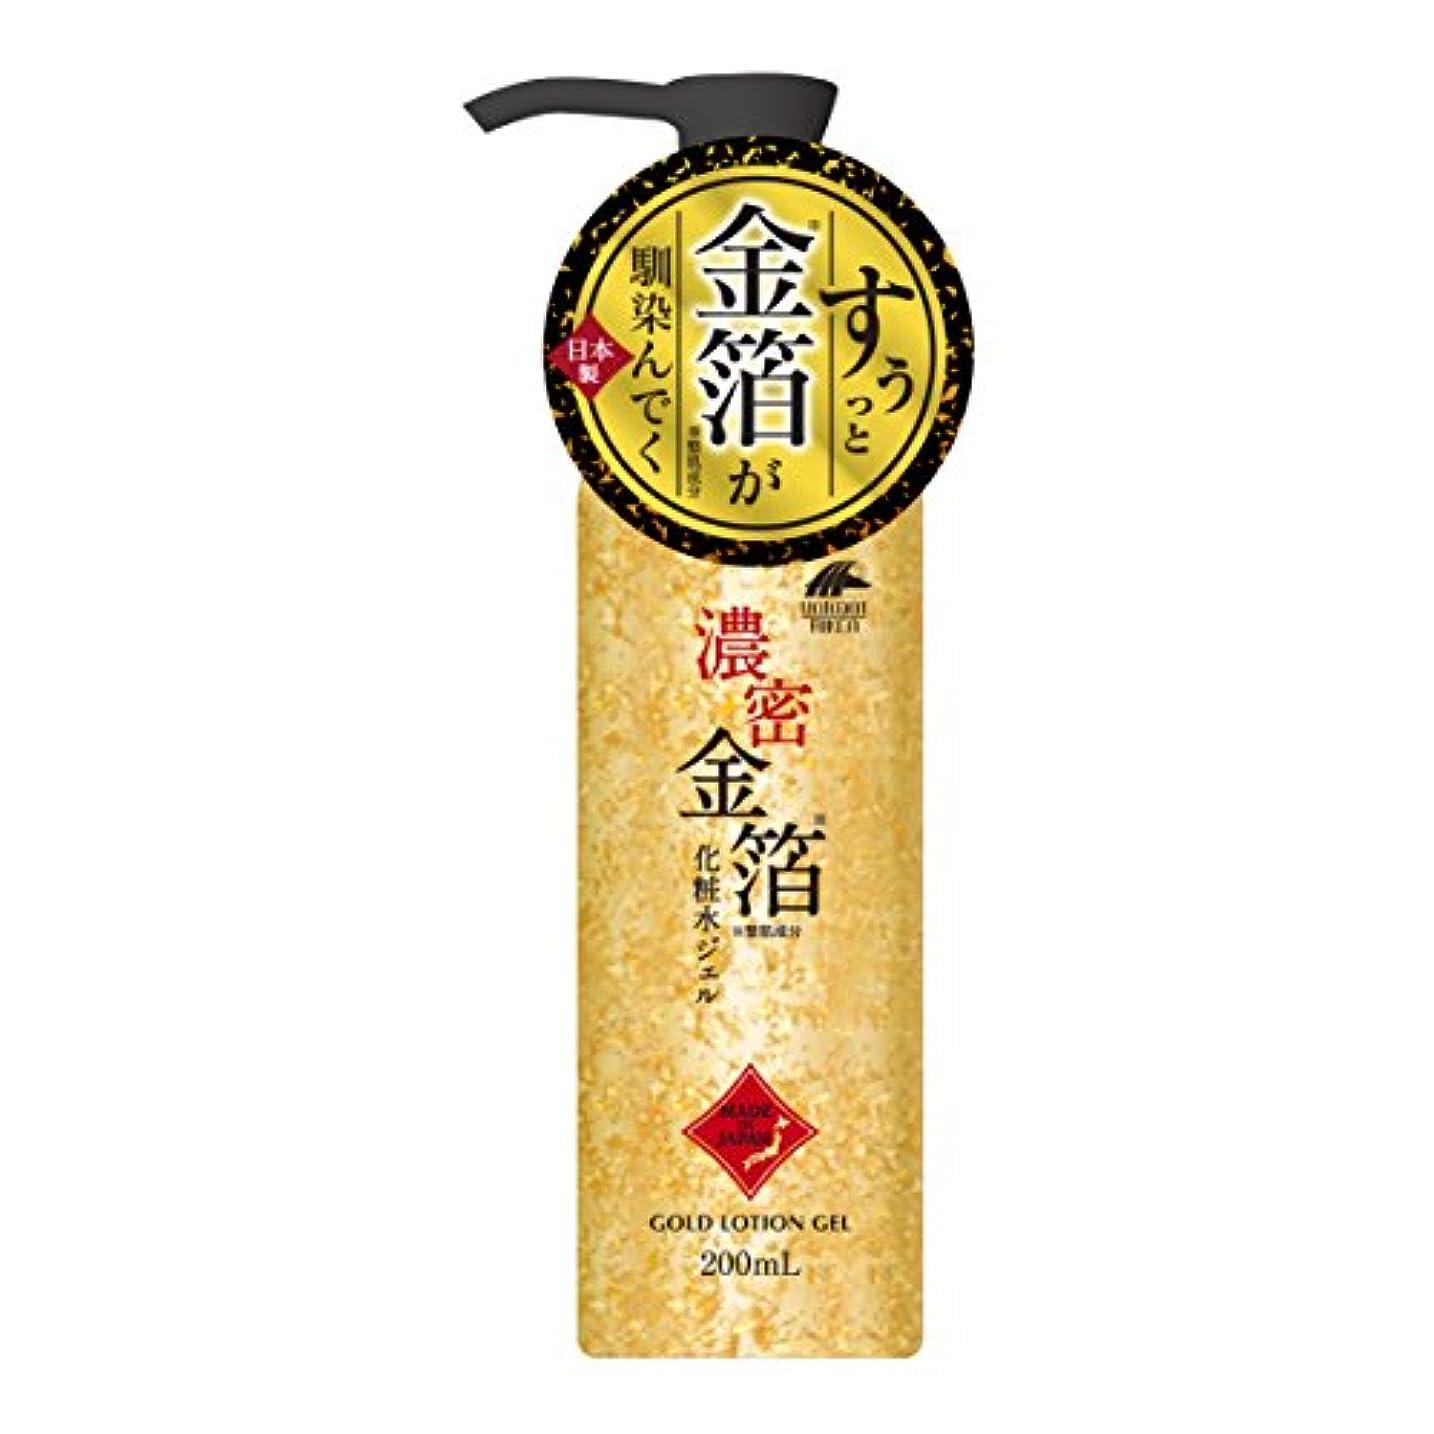 温かい論争の的迷彩ユニマットリケン 濃密金箔化粧水ジェル 200ml